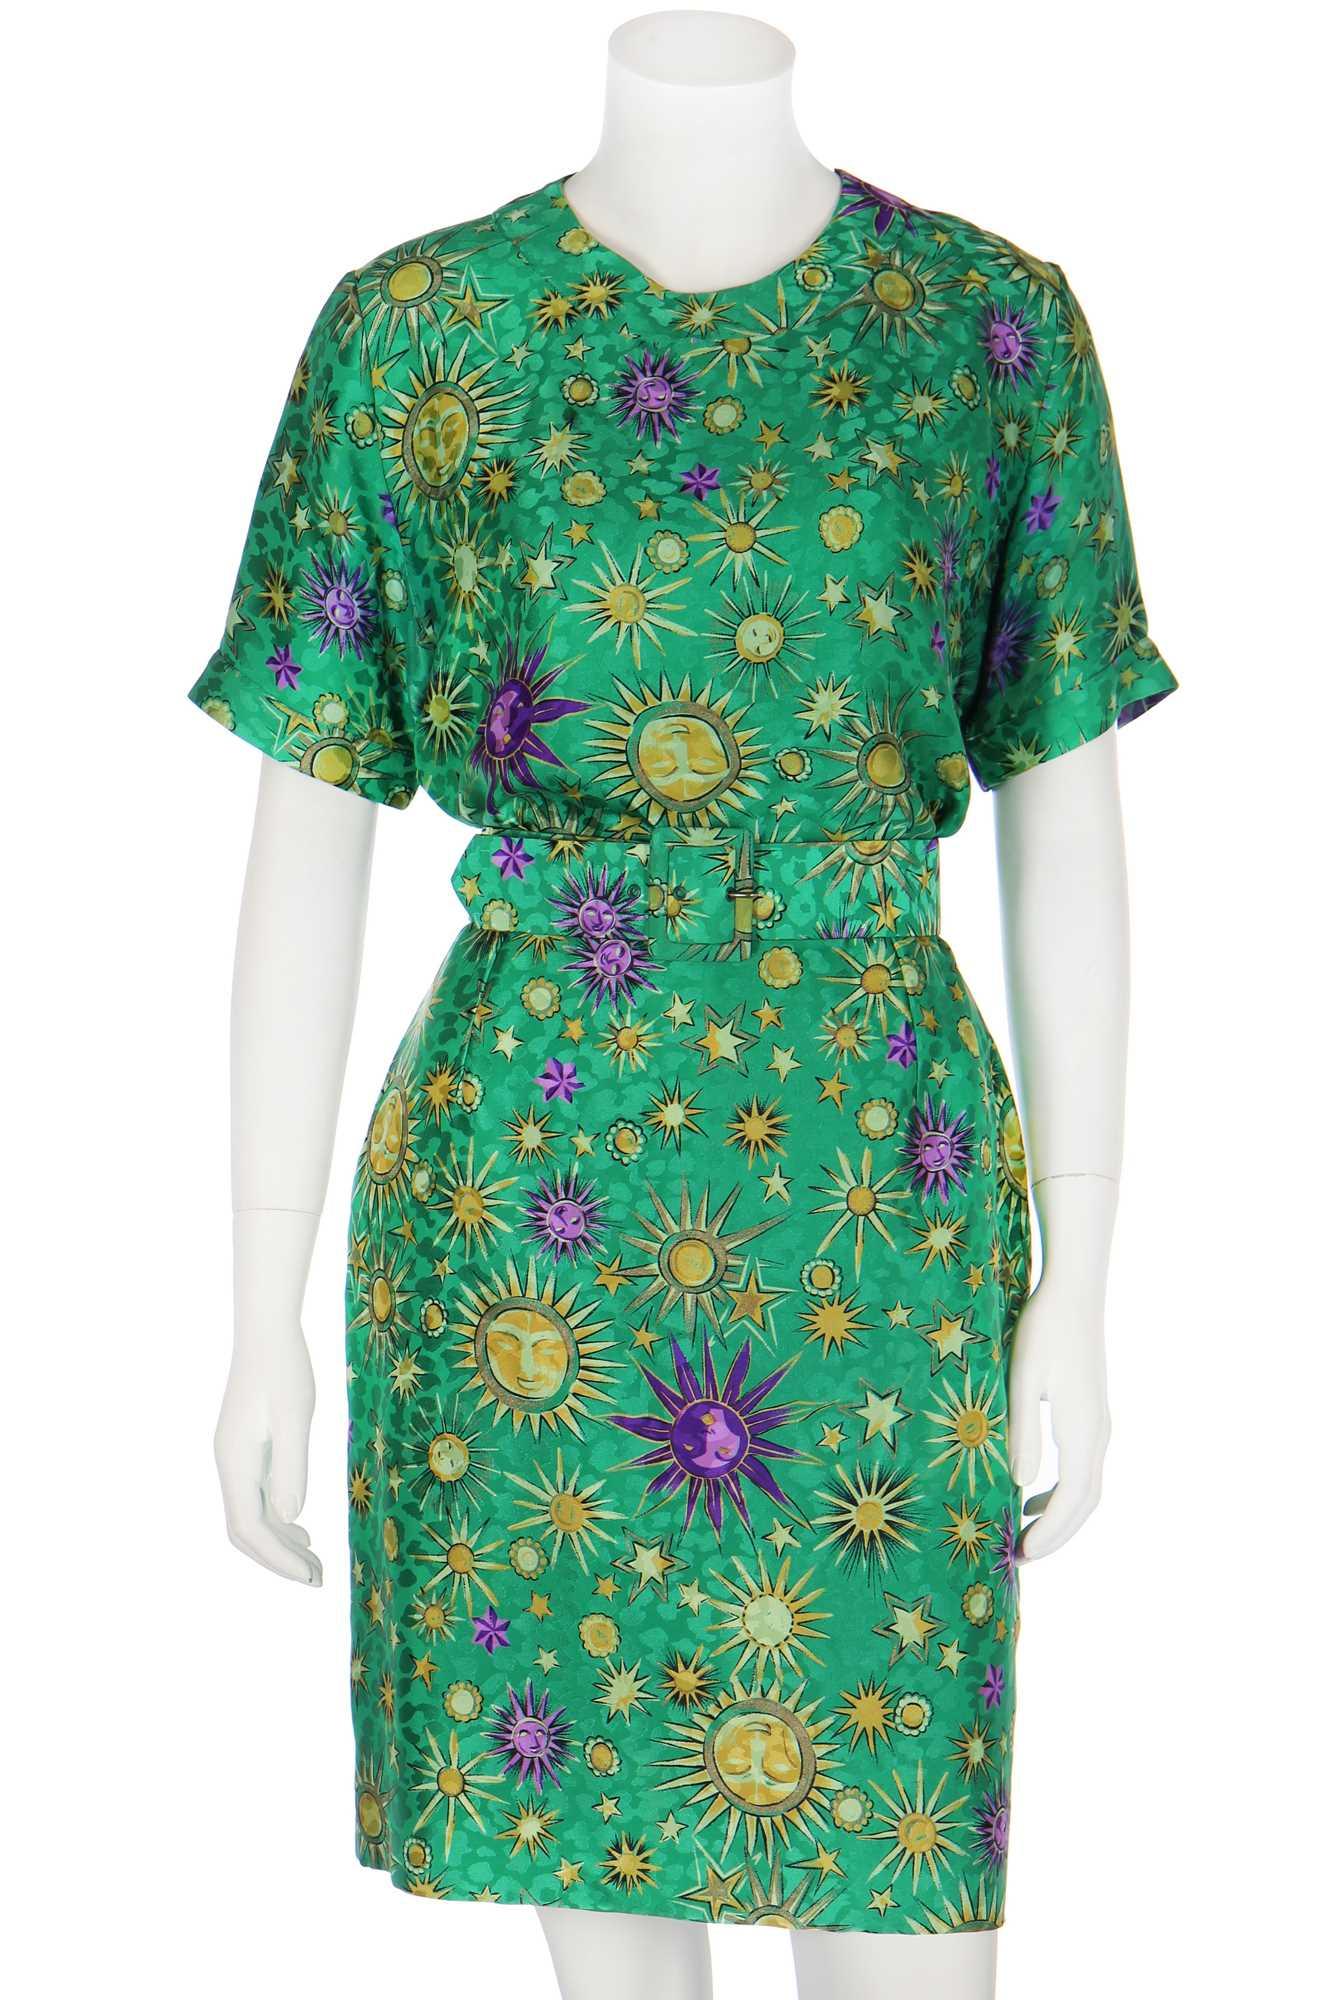 Lot 344 - A Tomasz Starzewski bespoke printed silk ensemble, worn by Sarah Ferguson, Duchess of York, 1991